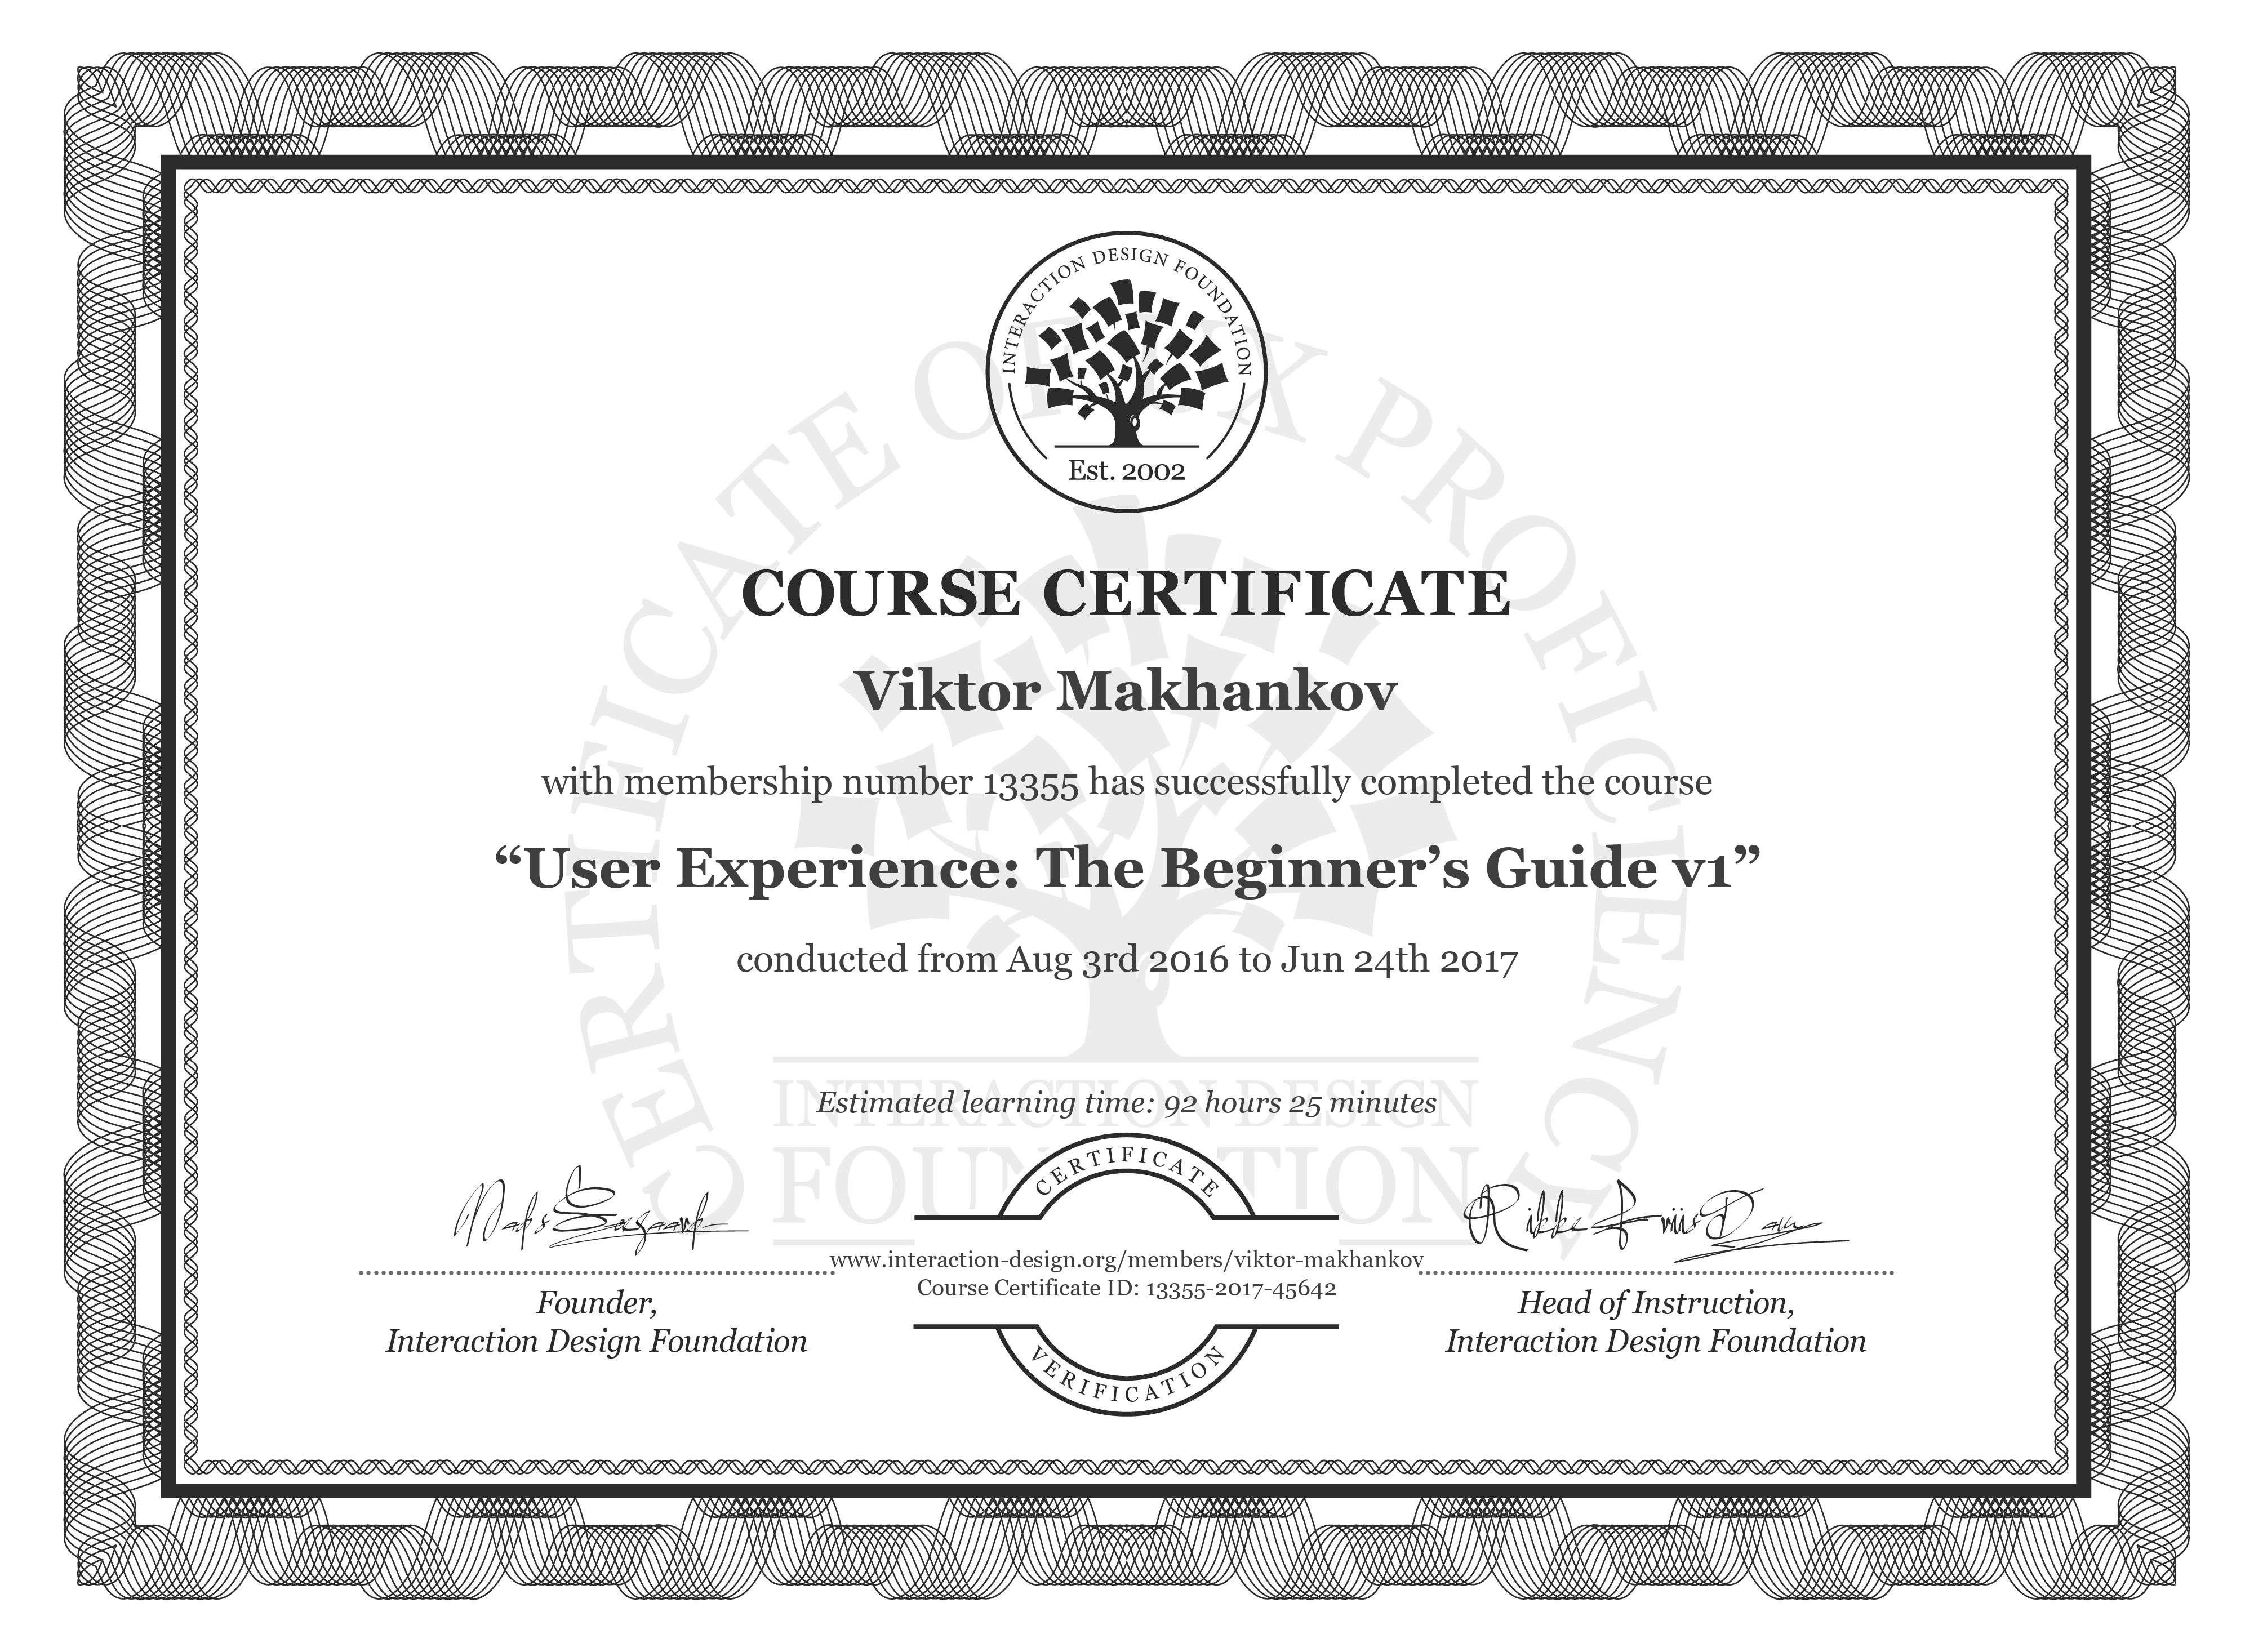 Viktor Makhankov's Course Certificate: User Experience: The Beginner's Guide